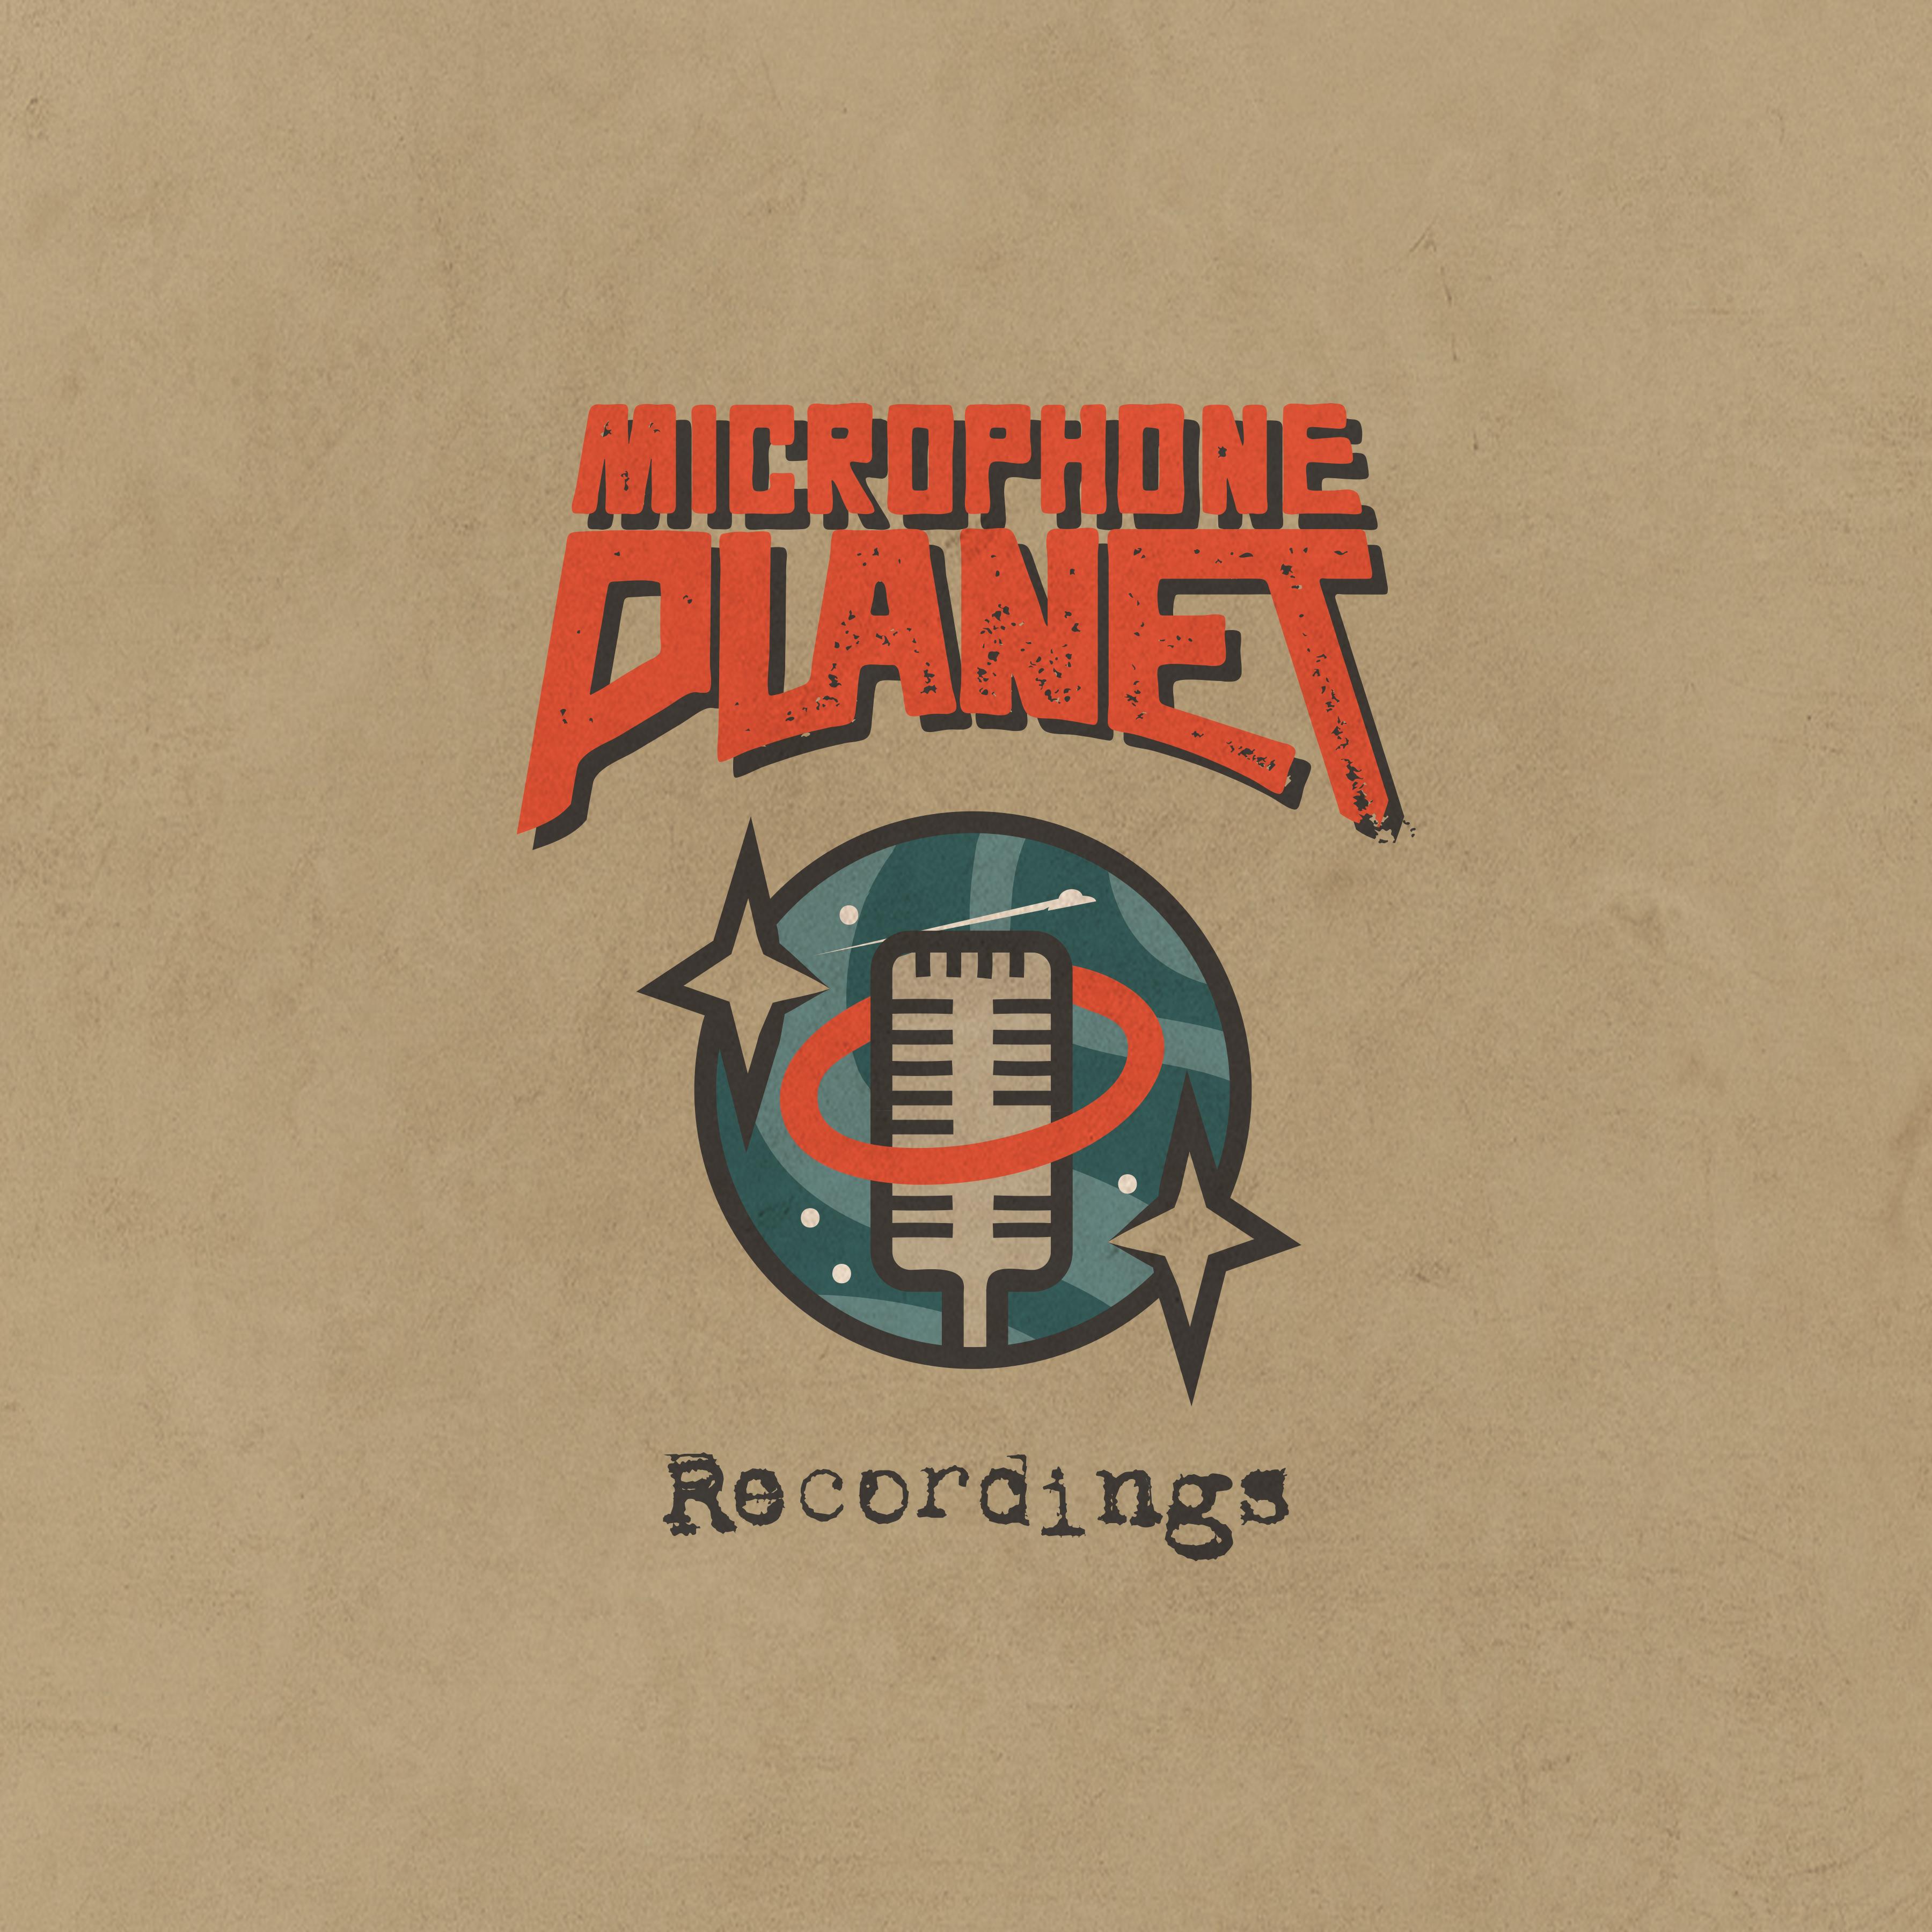 ANerdsWorld_Logos_MicrophonePlanet